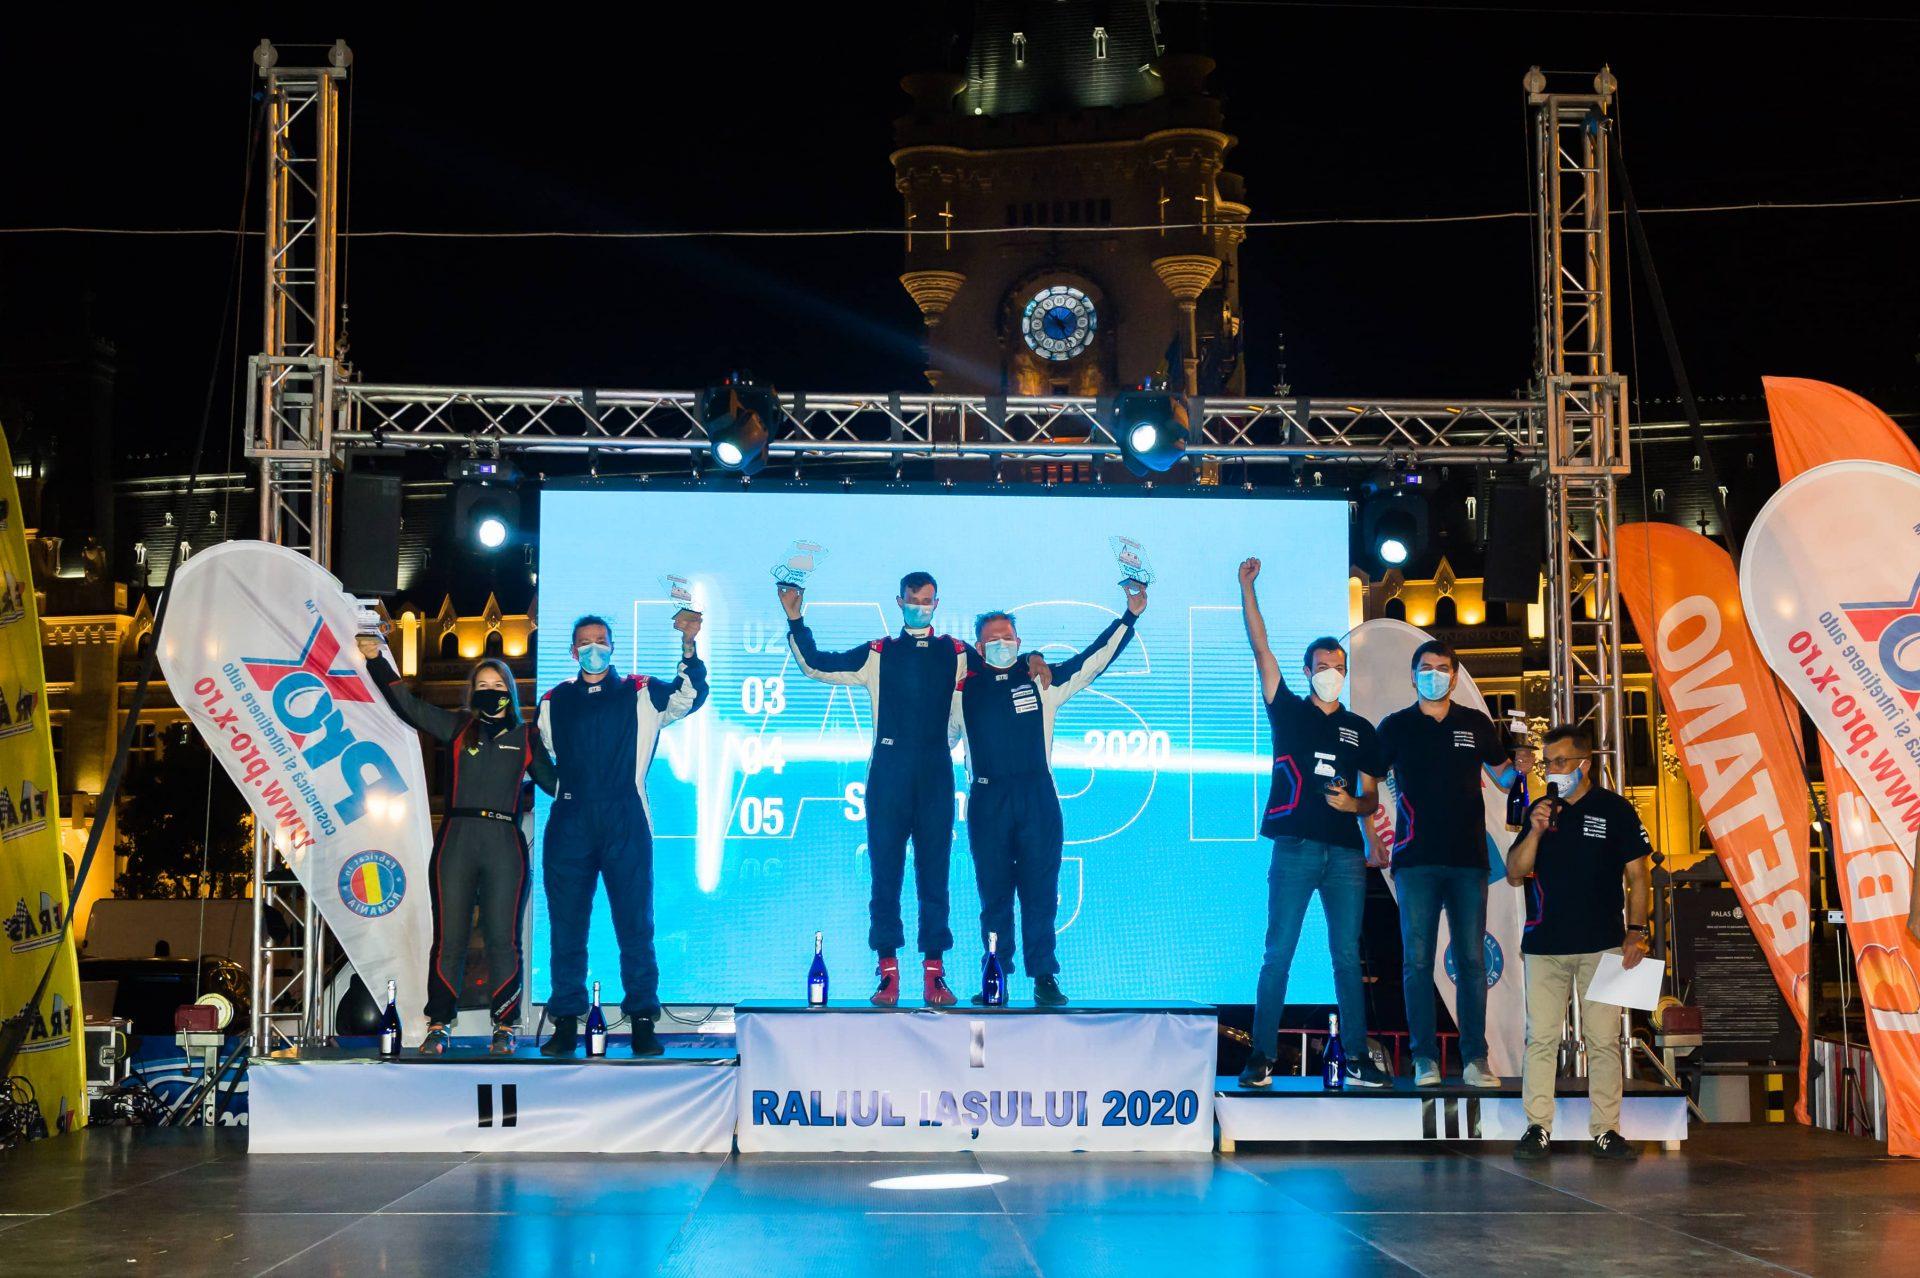 Campionii en titre la Cupa Dacia câștigă Raliul Iașului